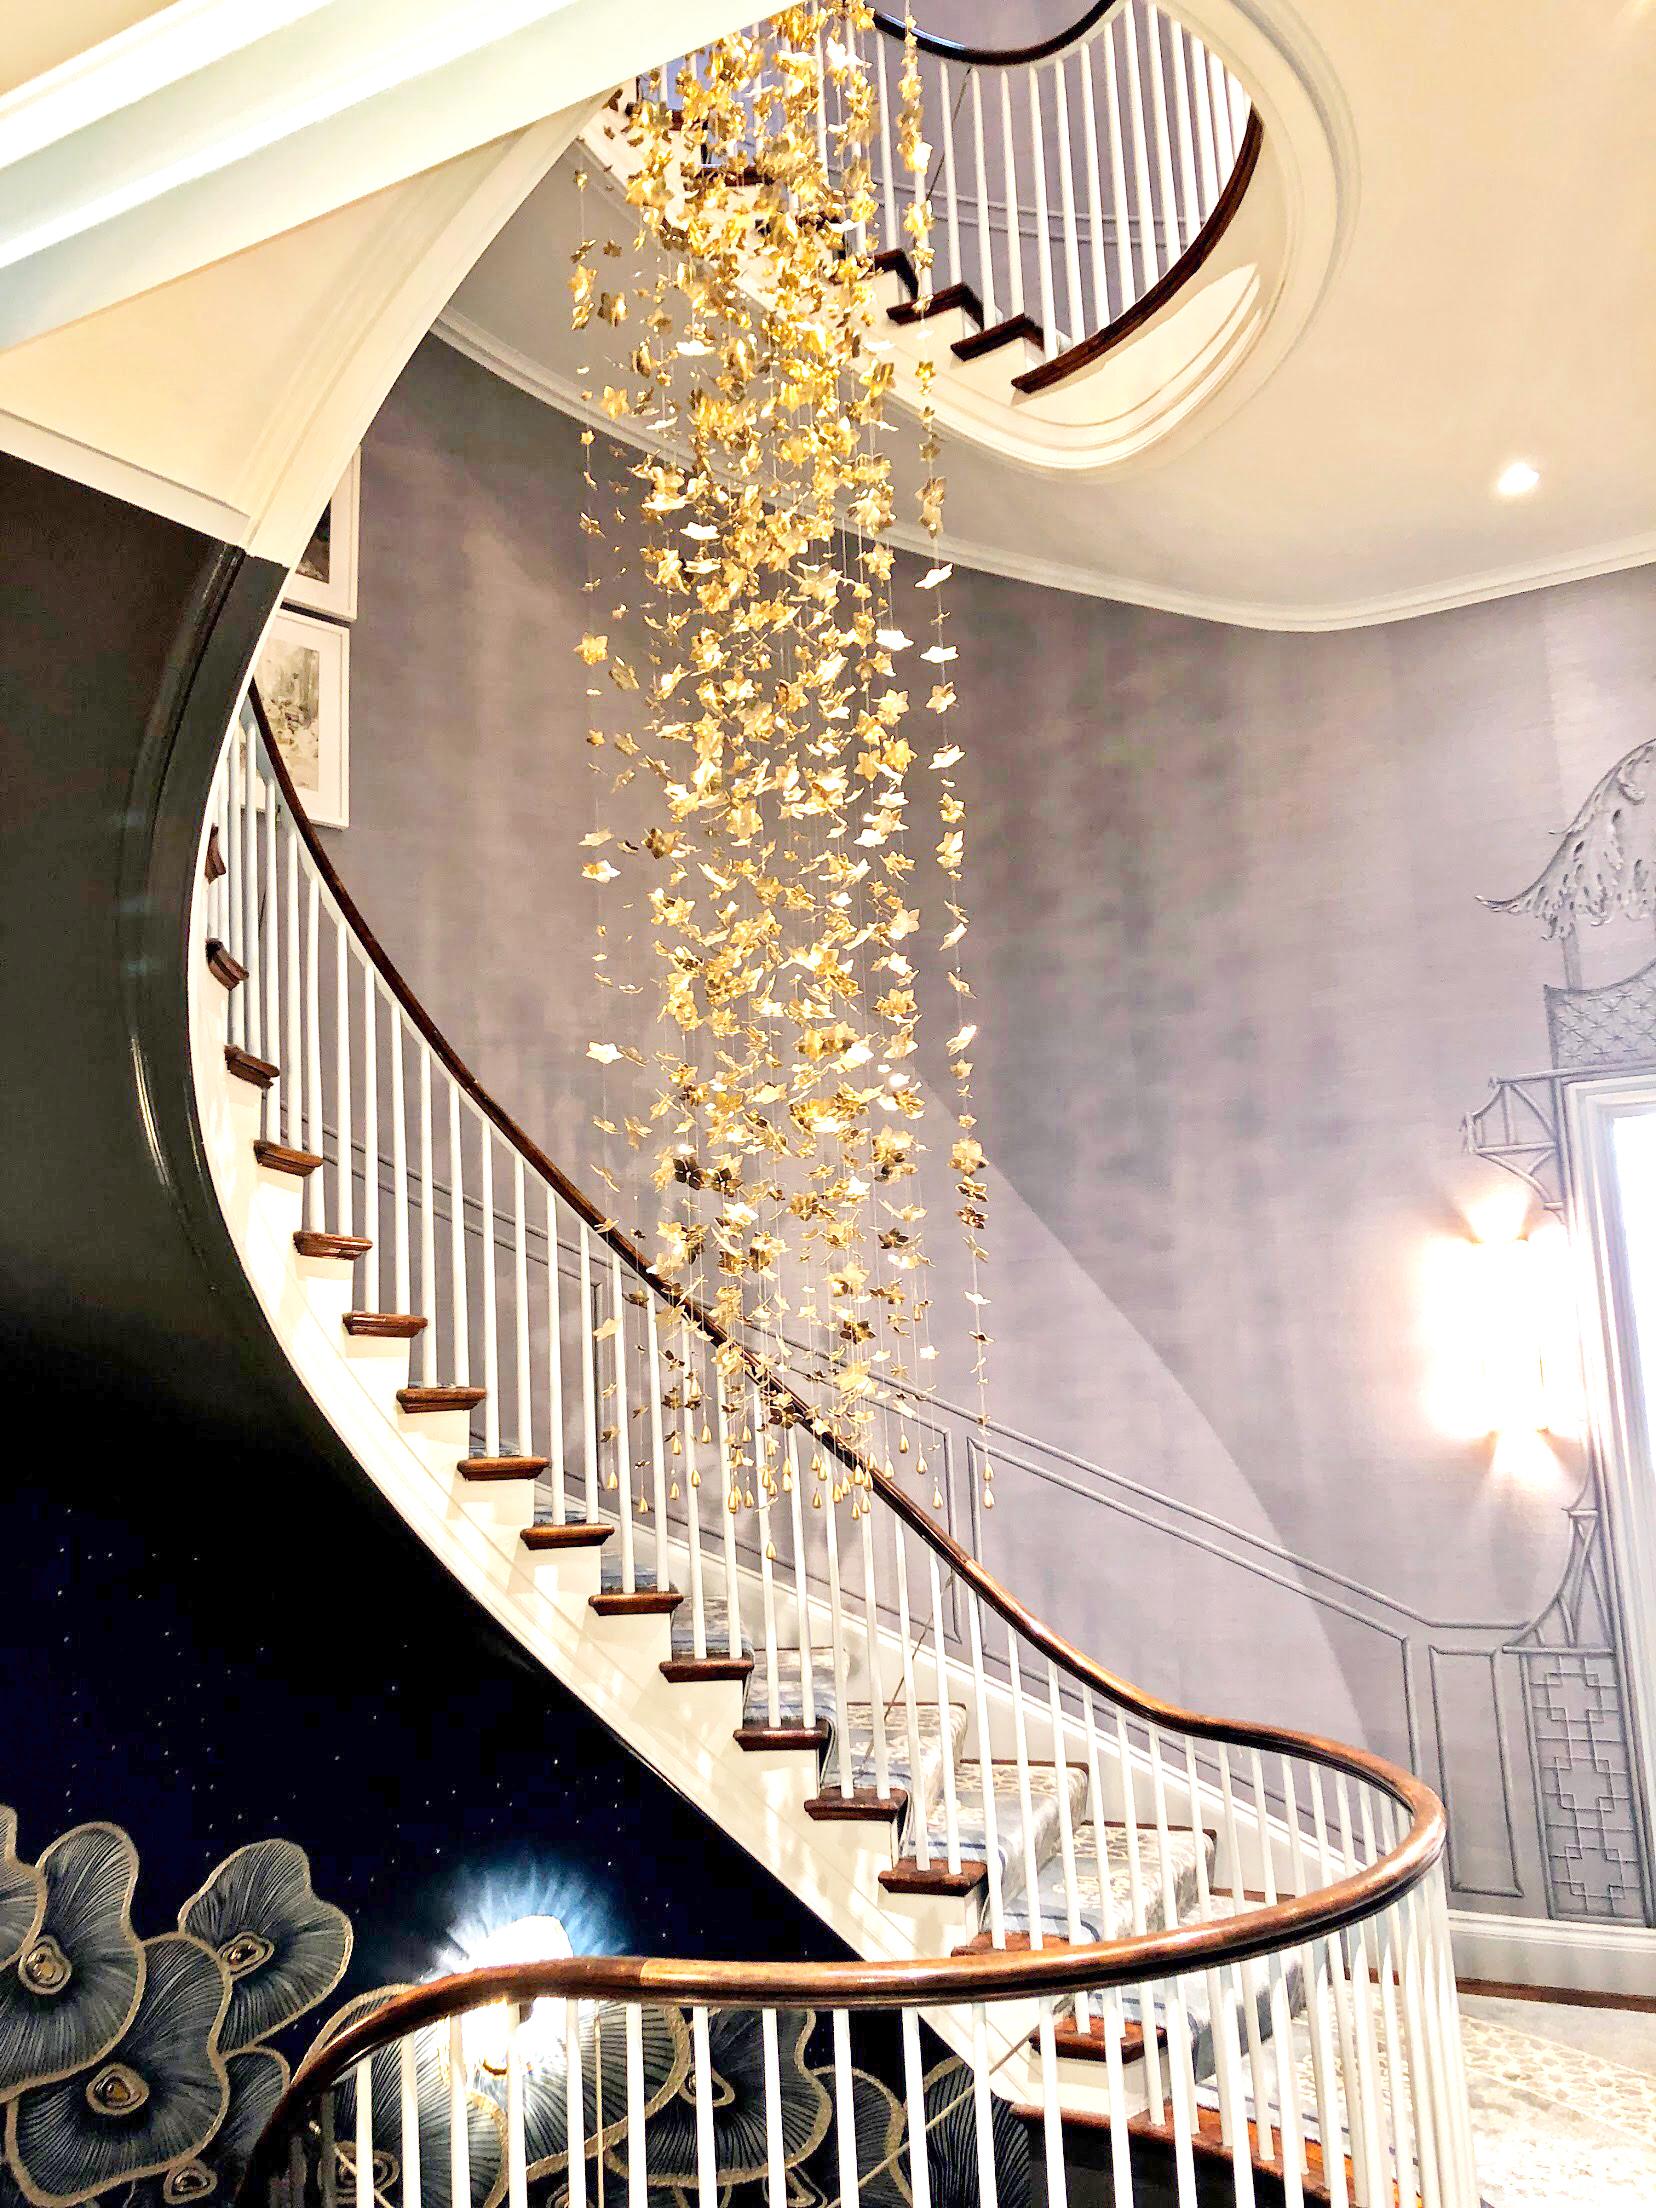 Staircase by Brian Gluckstein